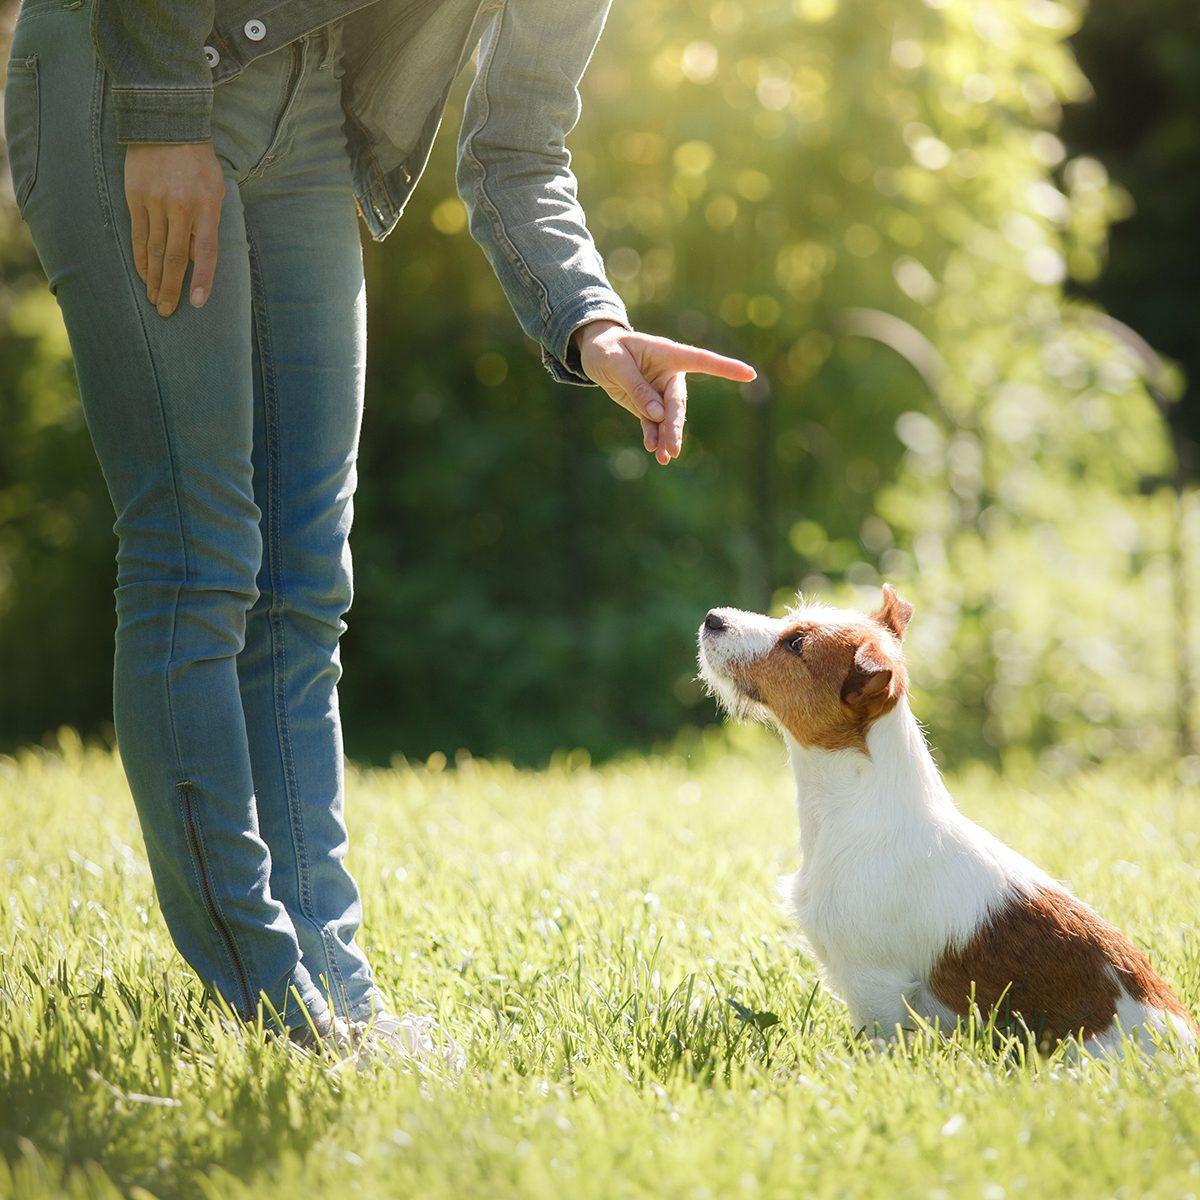 Human teaching their puppy a trick in a field